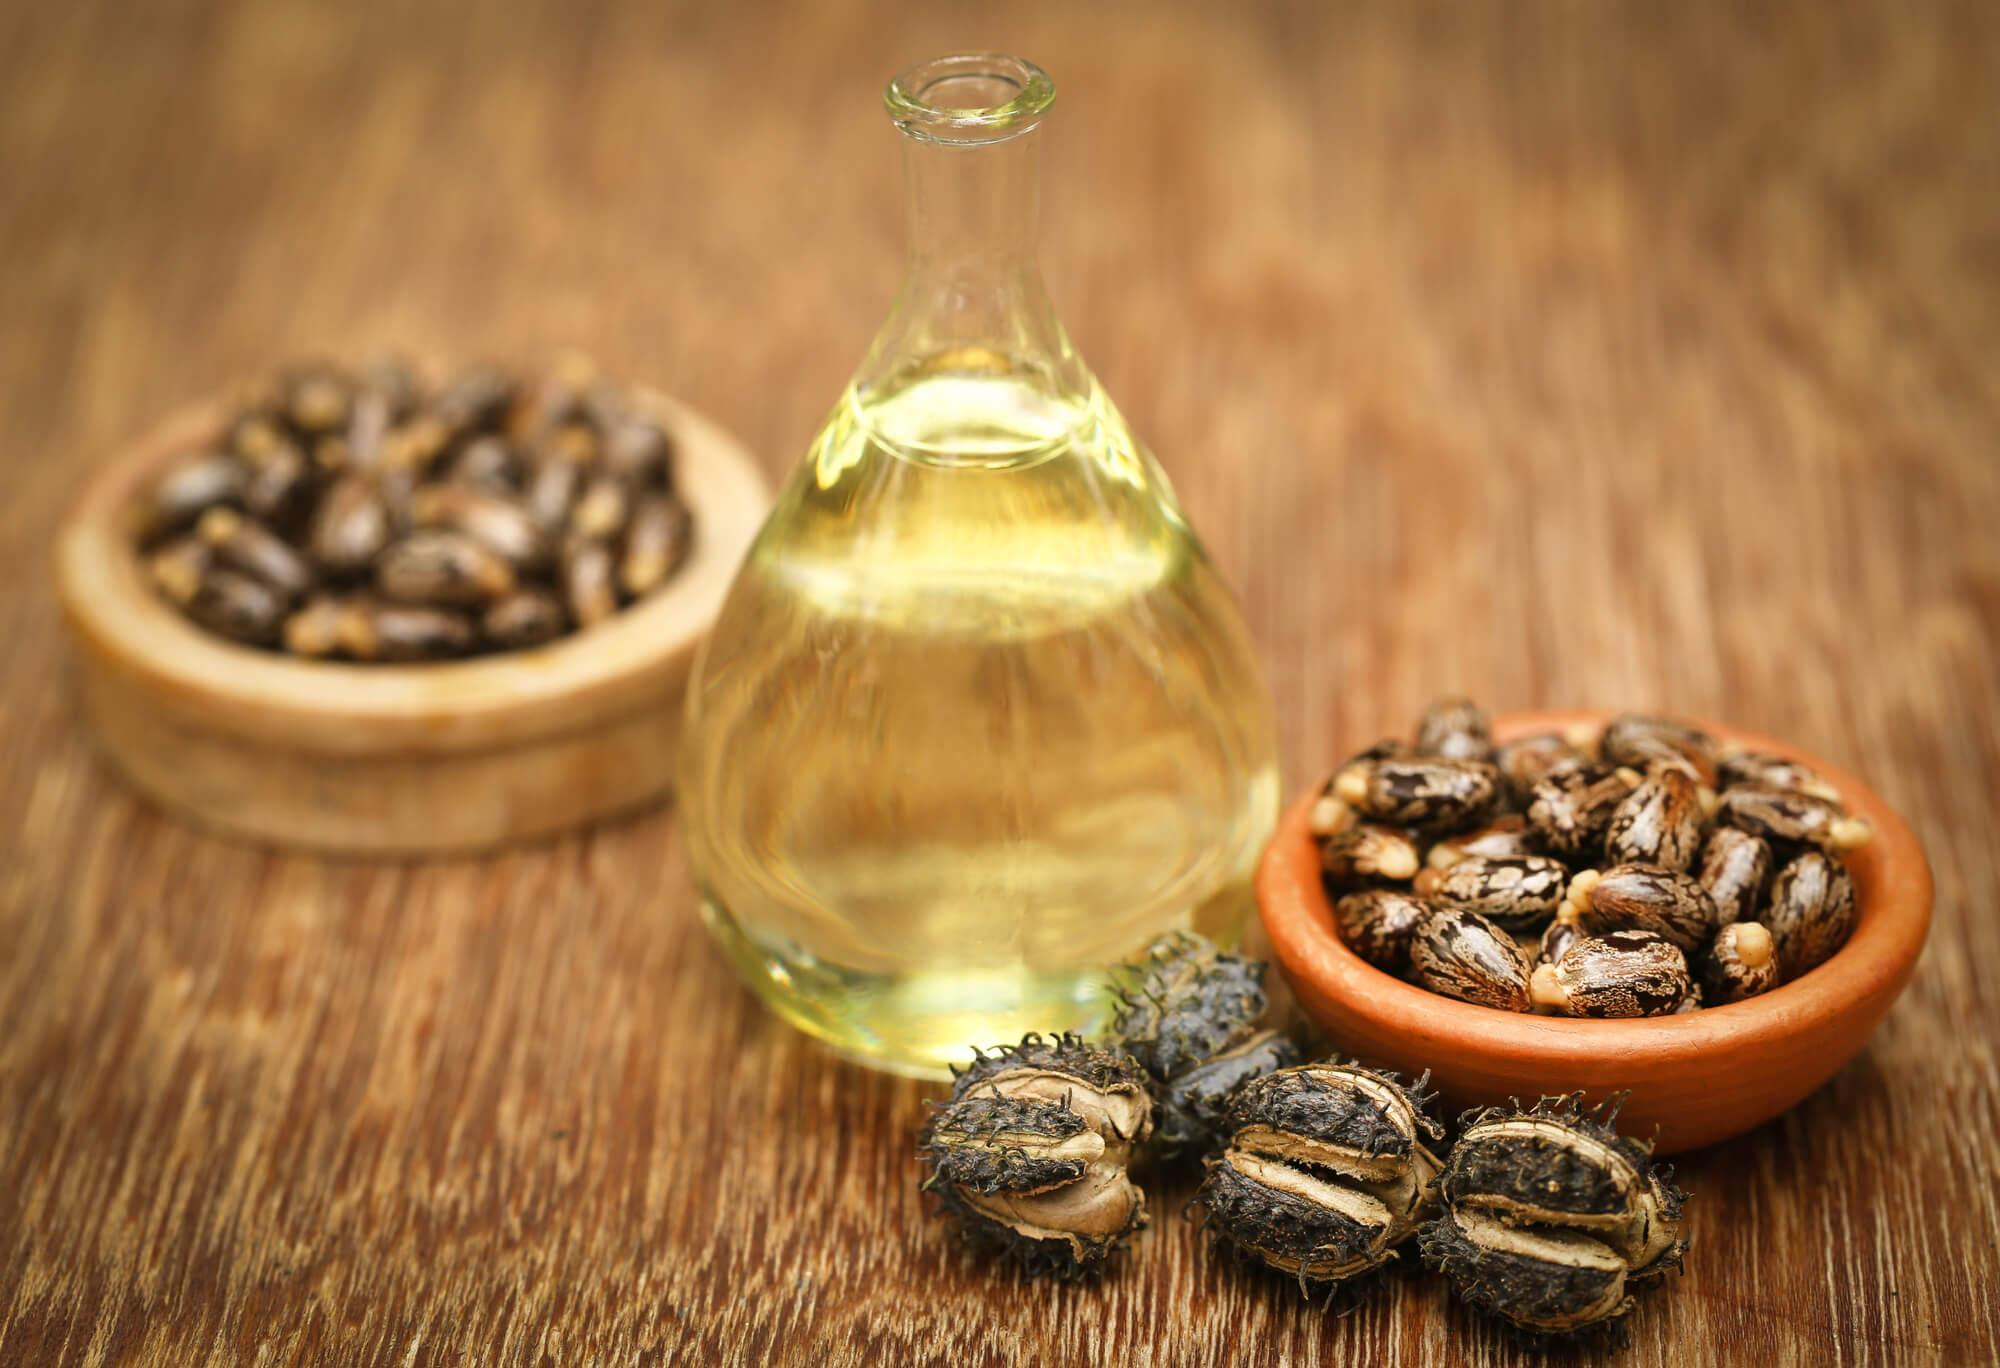 Castor olie som både sundheds- og skønhedsprodukt